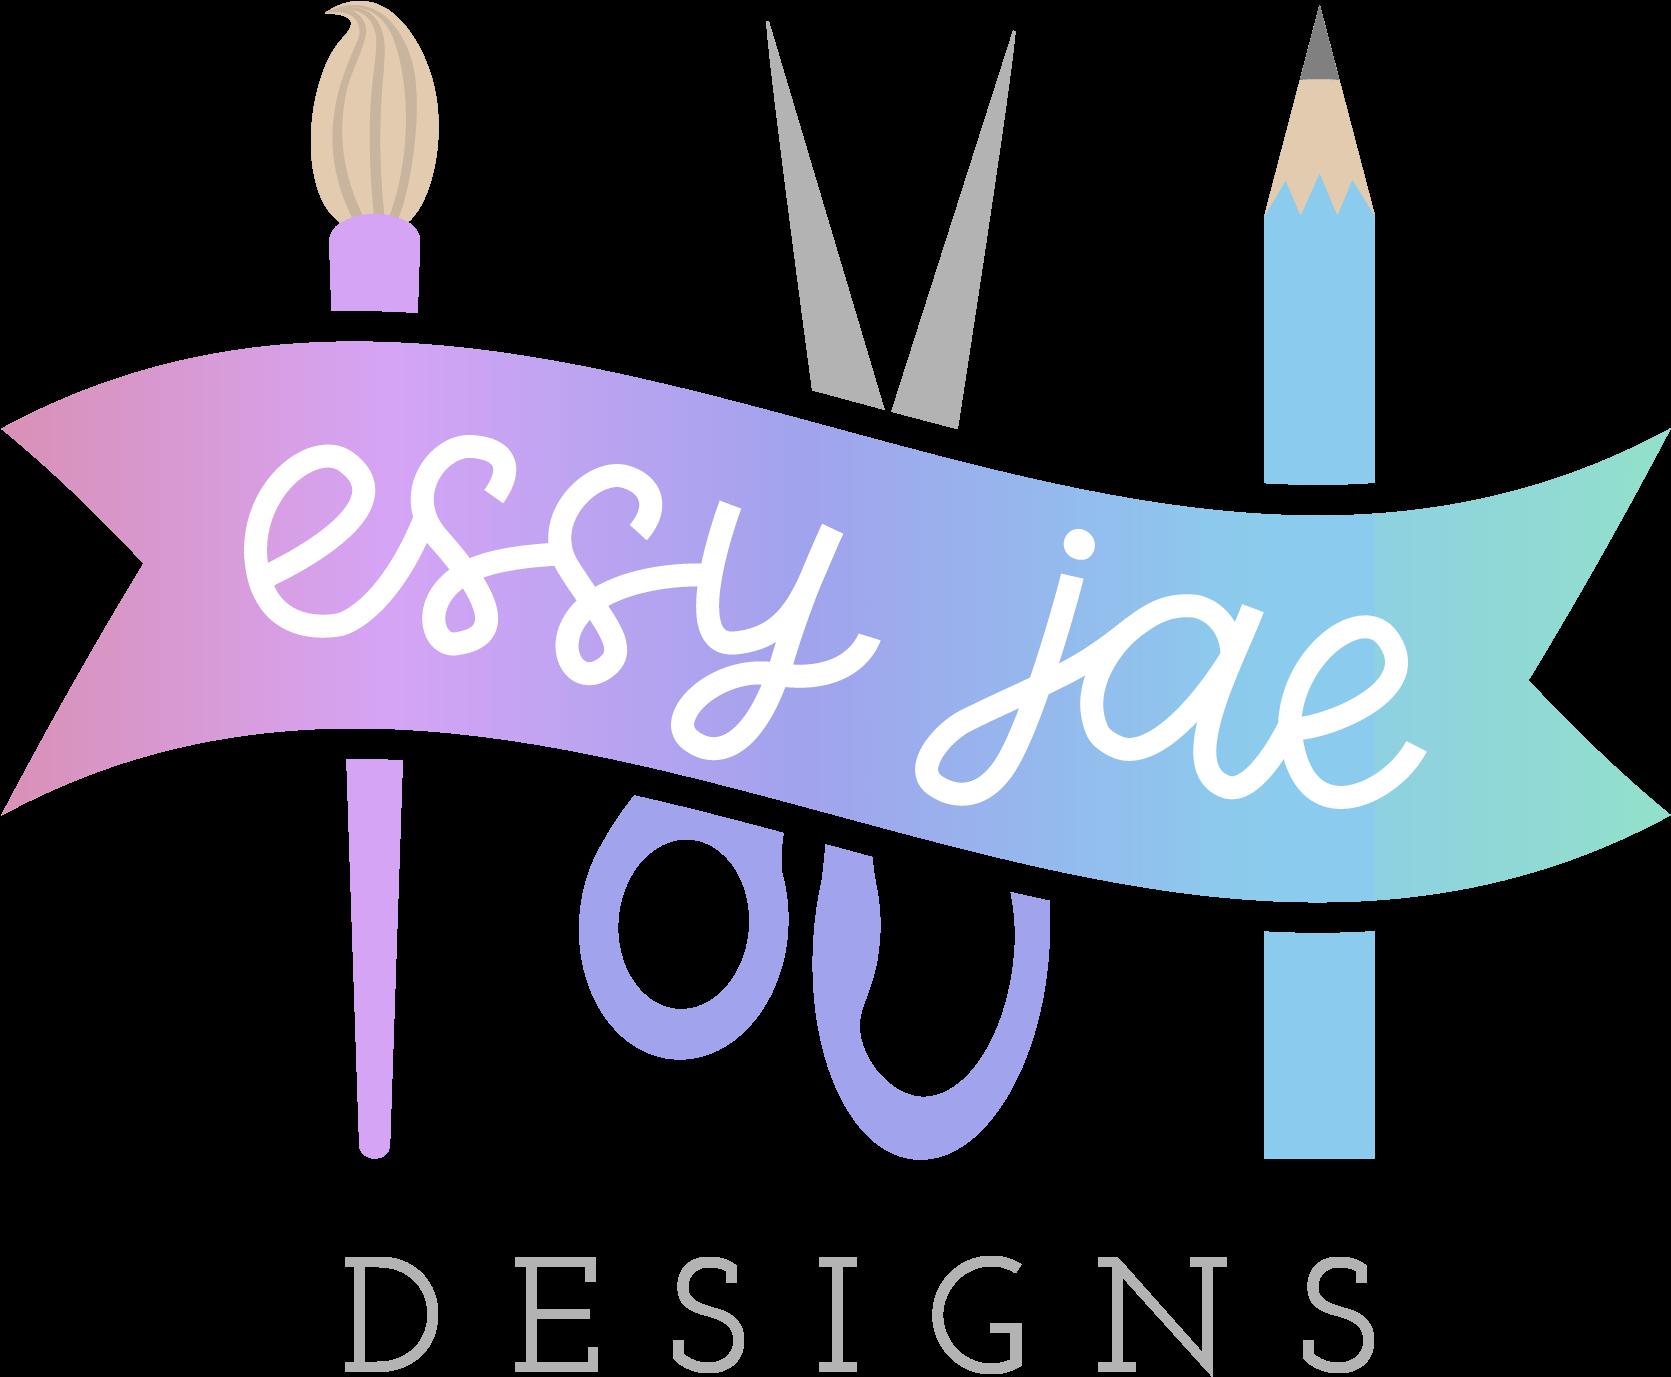 Transparent graphic design clip art - Graphic Design